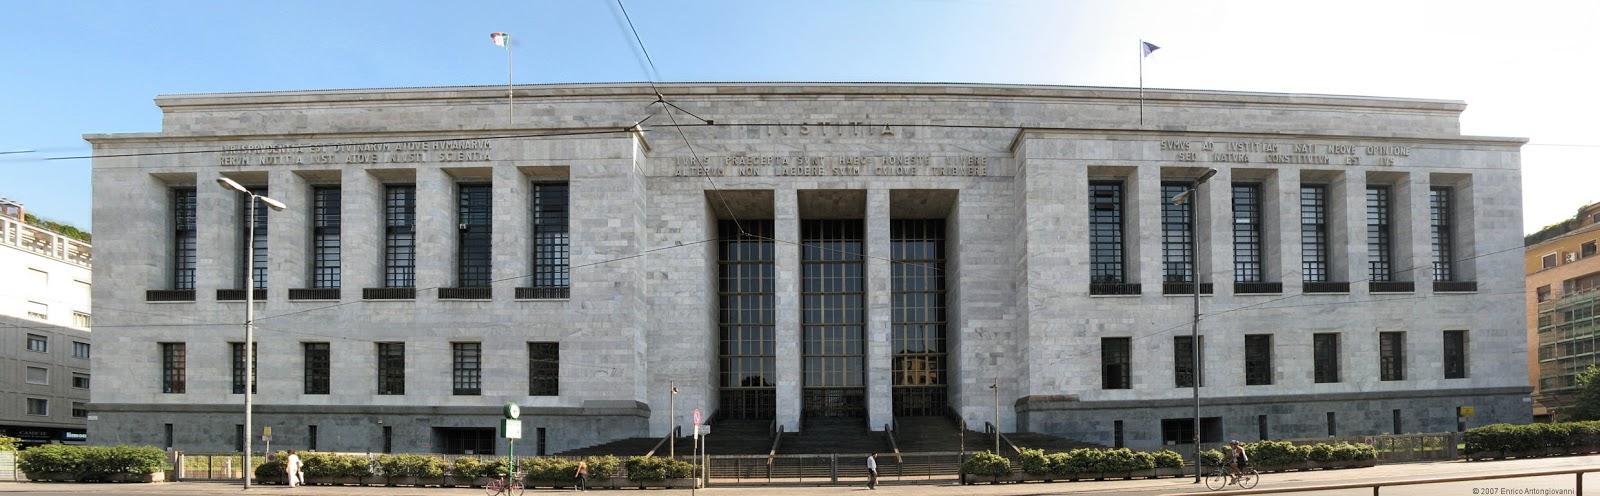 Ripasso facile esempi di architettura fascista in italia for Architetto latina